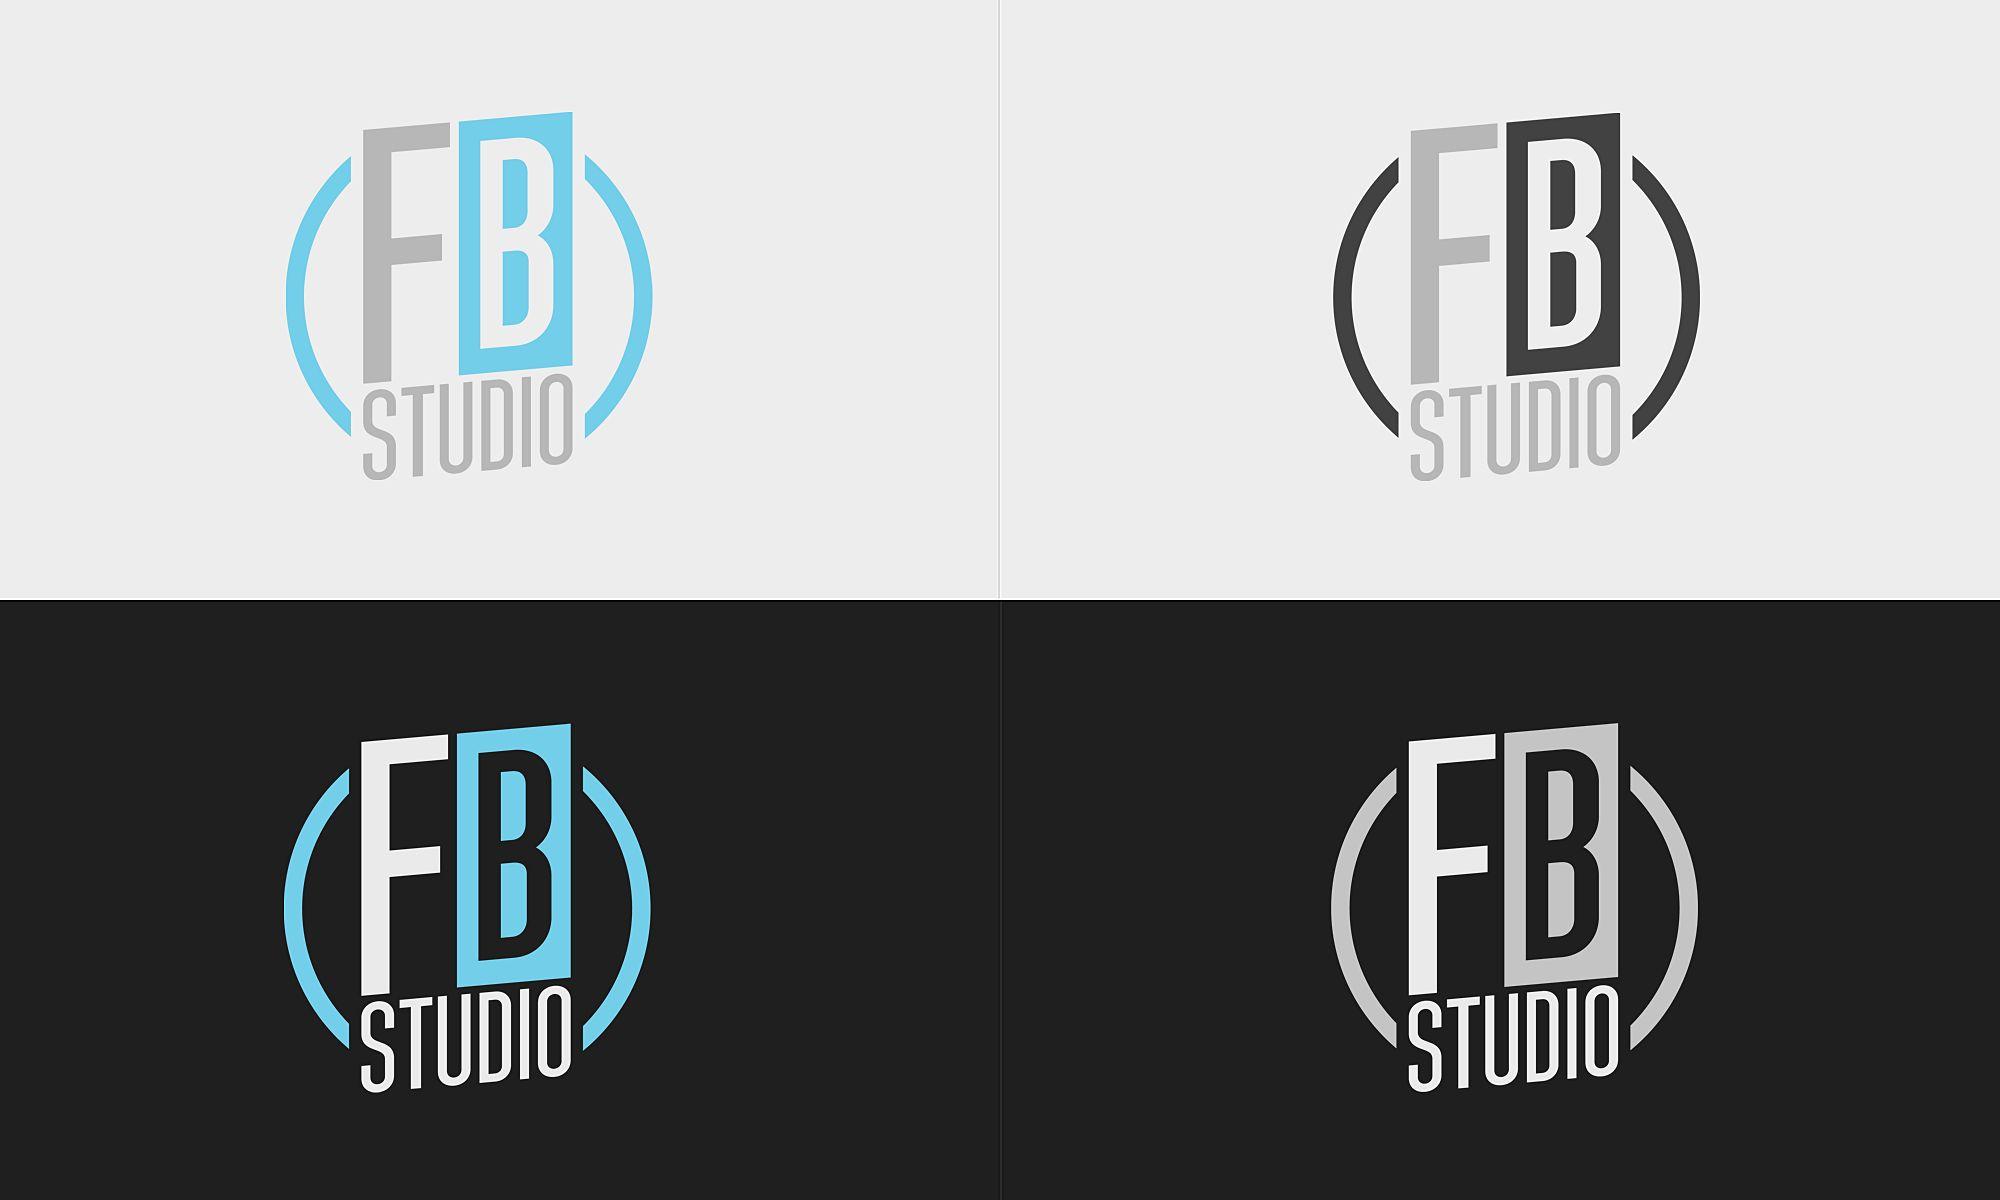 Лого и фирменный стиль для спортивной студии  - дизайнер 21piecedesign